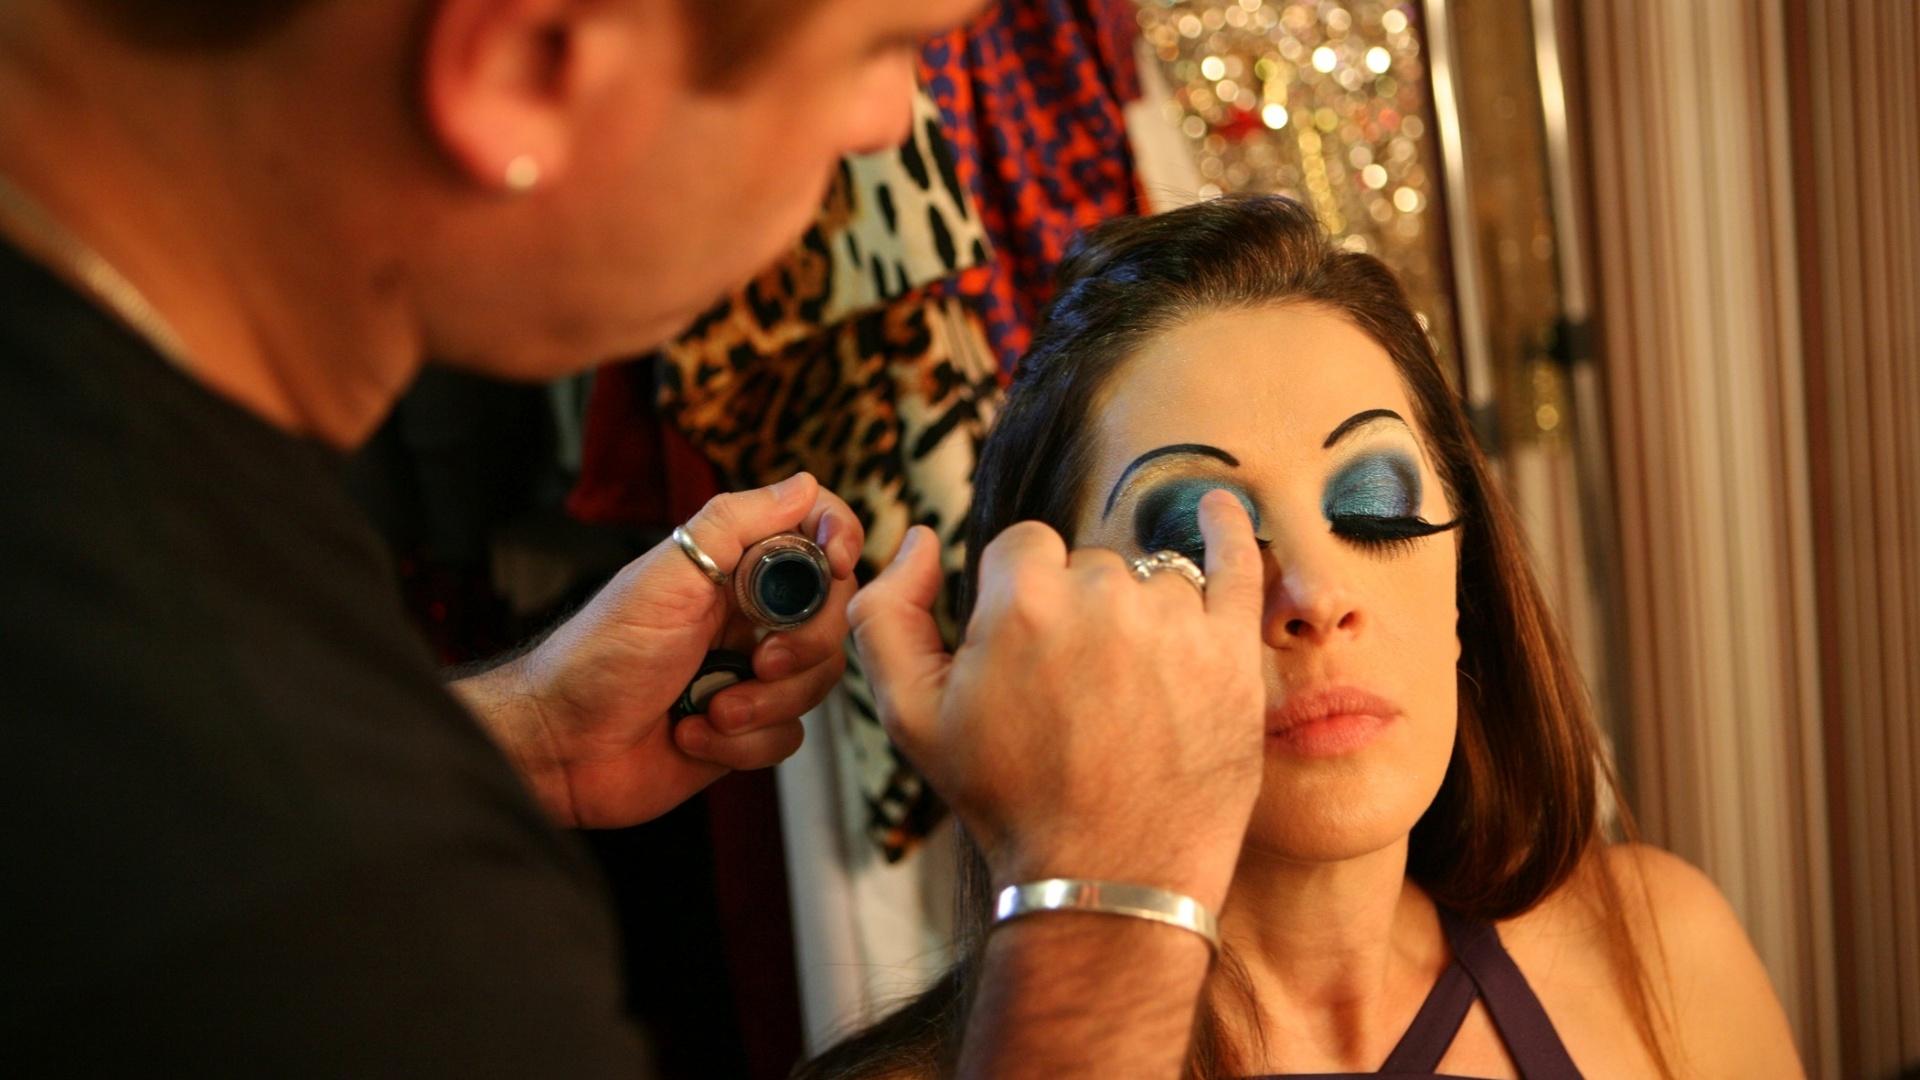 Cláudia Raia continua a maquiagem mesmo após receber a notícia de que a mesa de som do espetáculo não está funcionando (25/08/12)